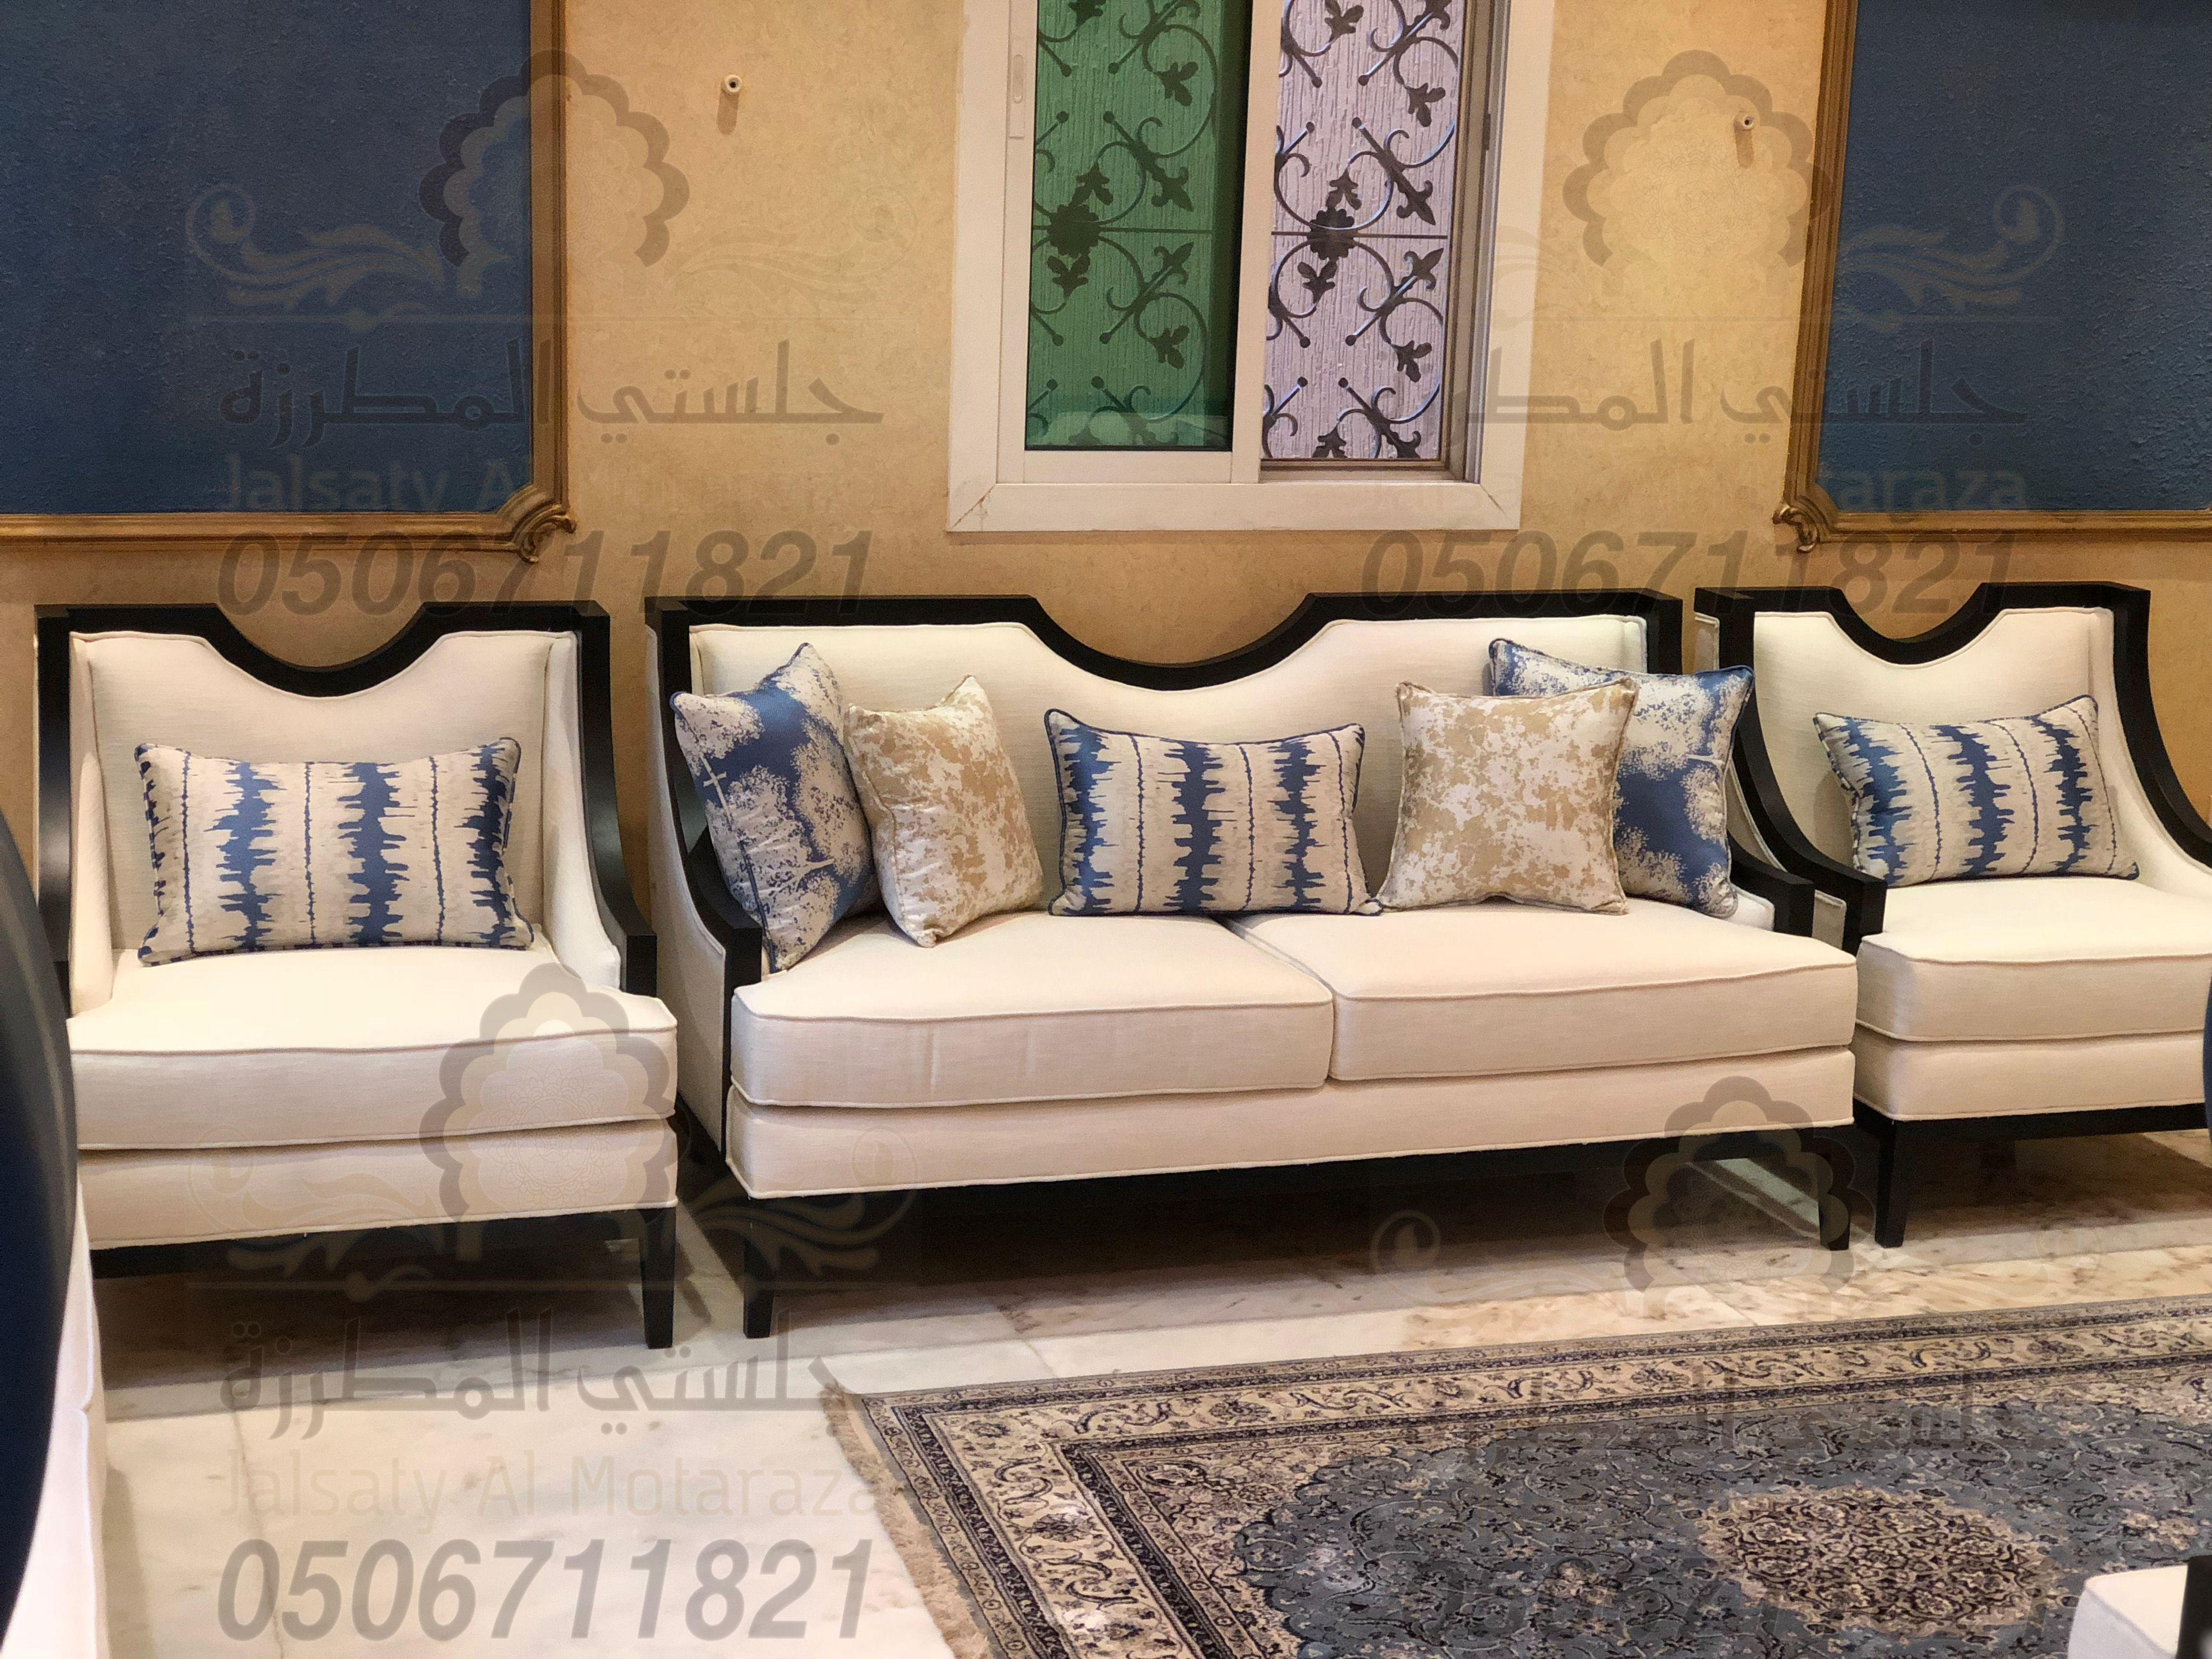 كنب كلاسيكي روعة من تصميم وتنفيذ جلستي المطرزة جوال التواصل0506711821 Furniture Home Decor Home